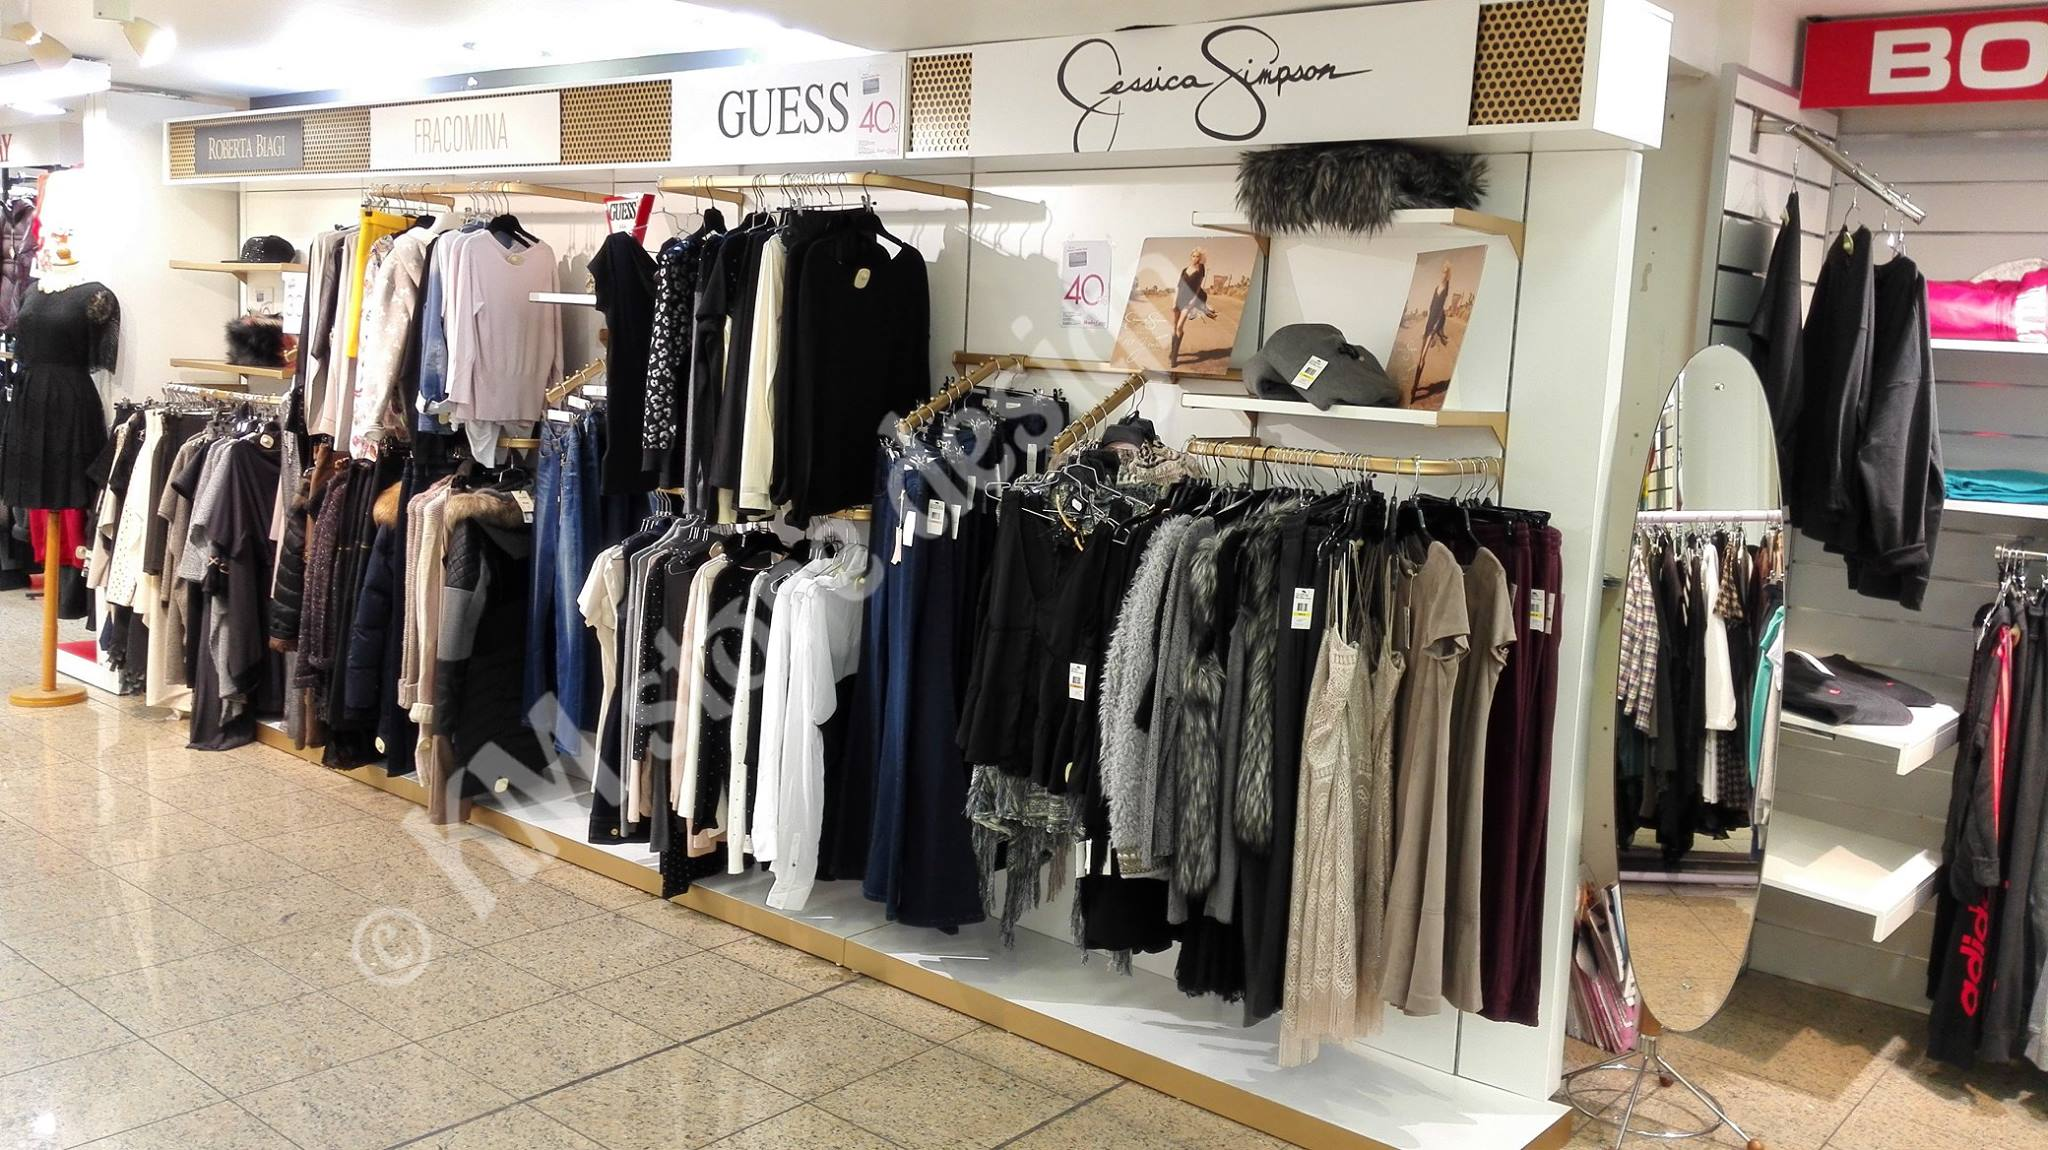 2e14a61b8 Μονάδα ρούχων για καταστήματα ένδυσης κρεμάστρες για ρούχα, ραφιέρες  επίπλωση καταστήματος ρούχων